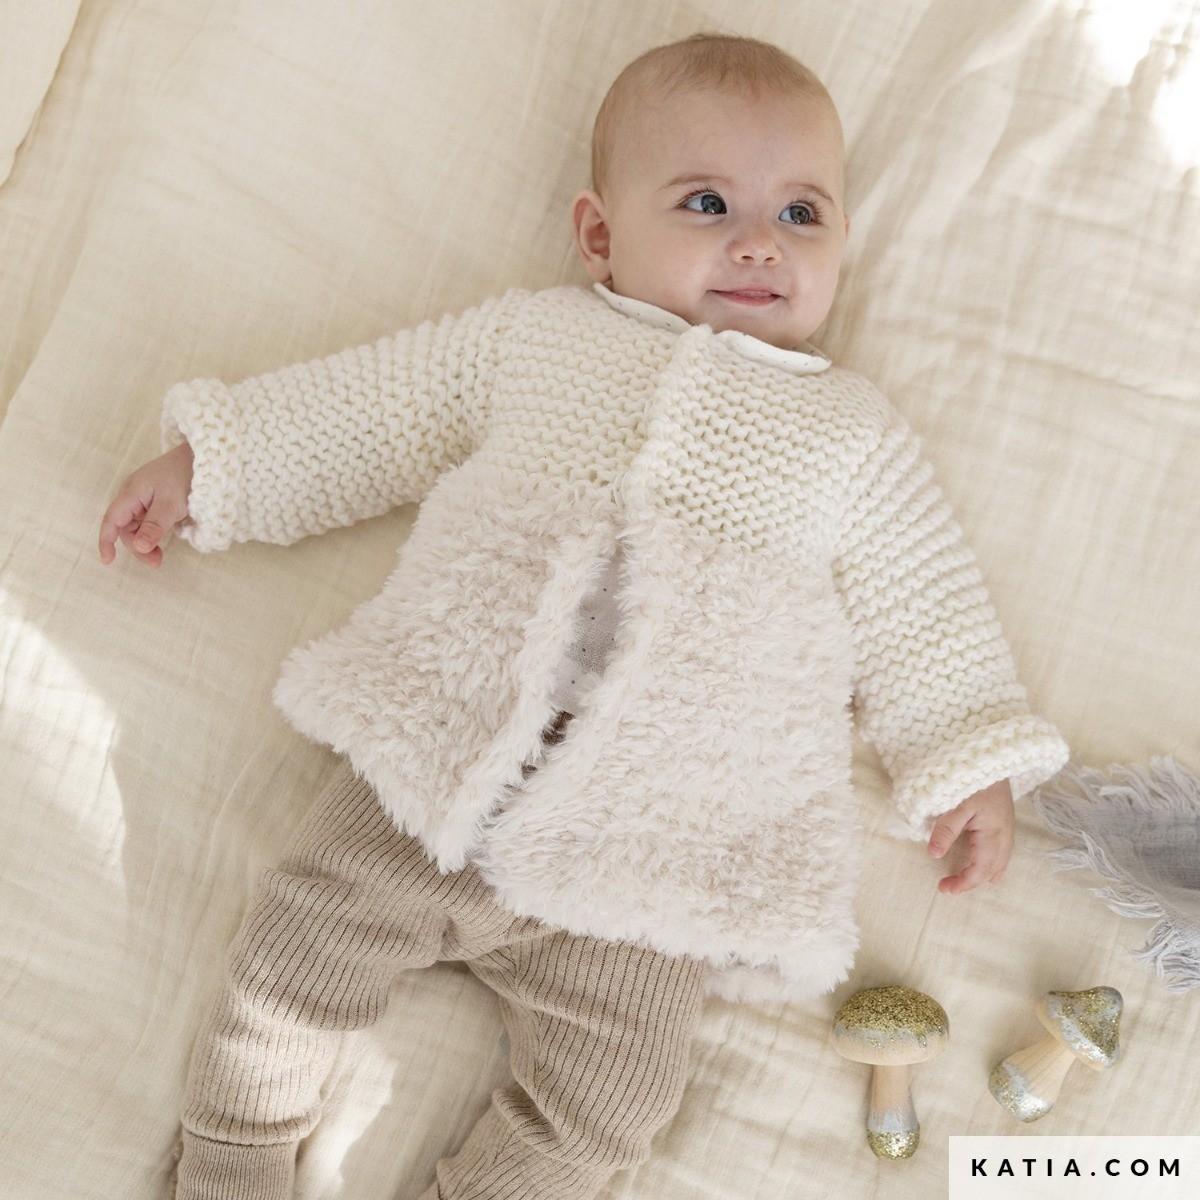 Babystories 6 - Model 16